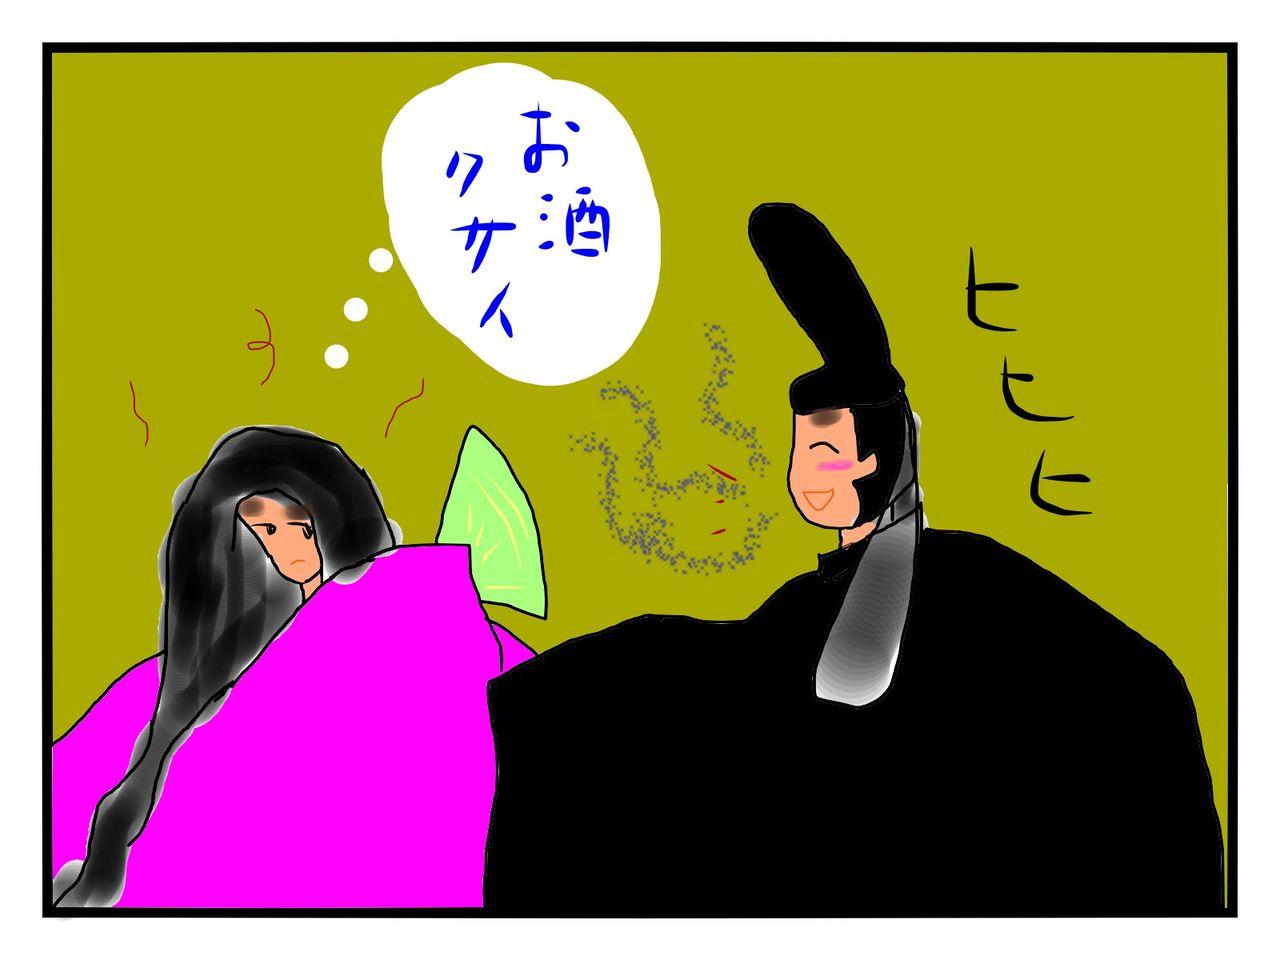 酔っ払いにはご注意! : koudansyou-古典と現代